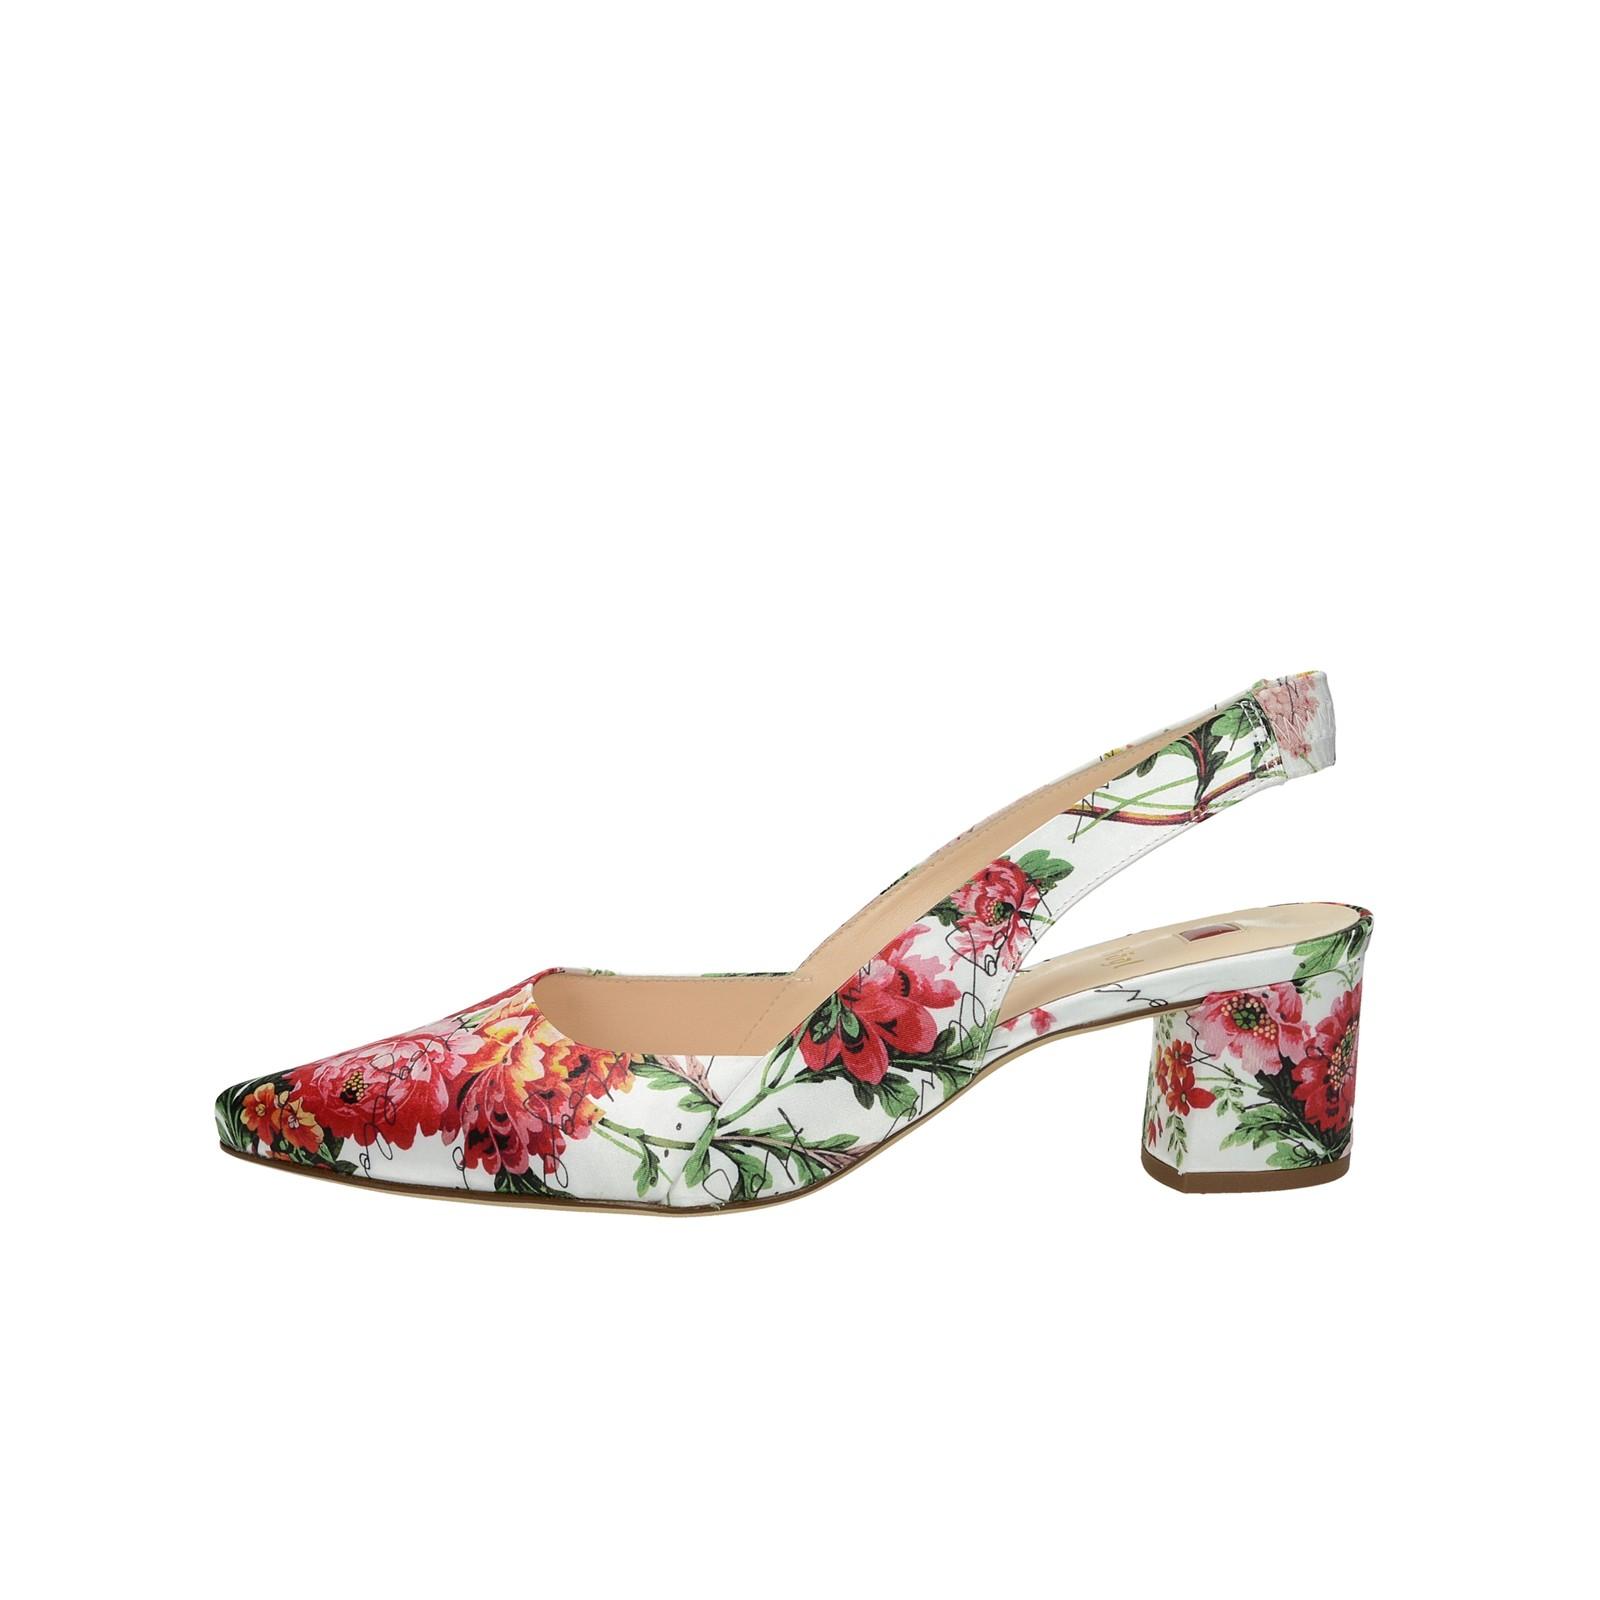 f9572b4bc70cf Högl dámske štýlové sandále s kvetovým motívom - multicolor   104616 ...